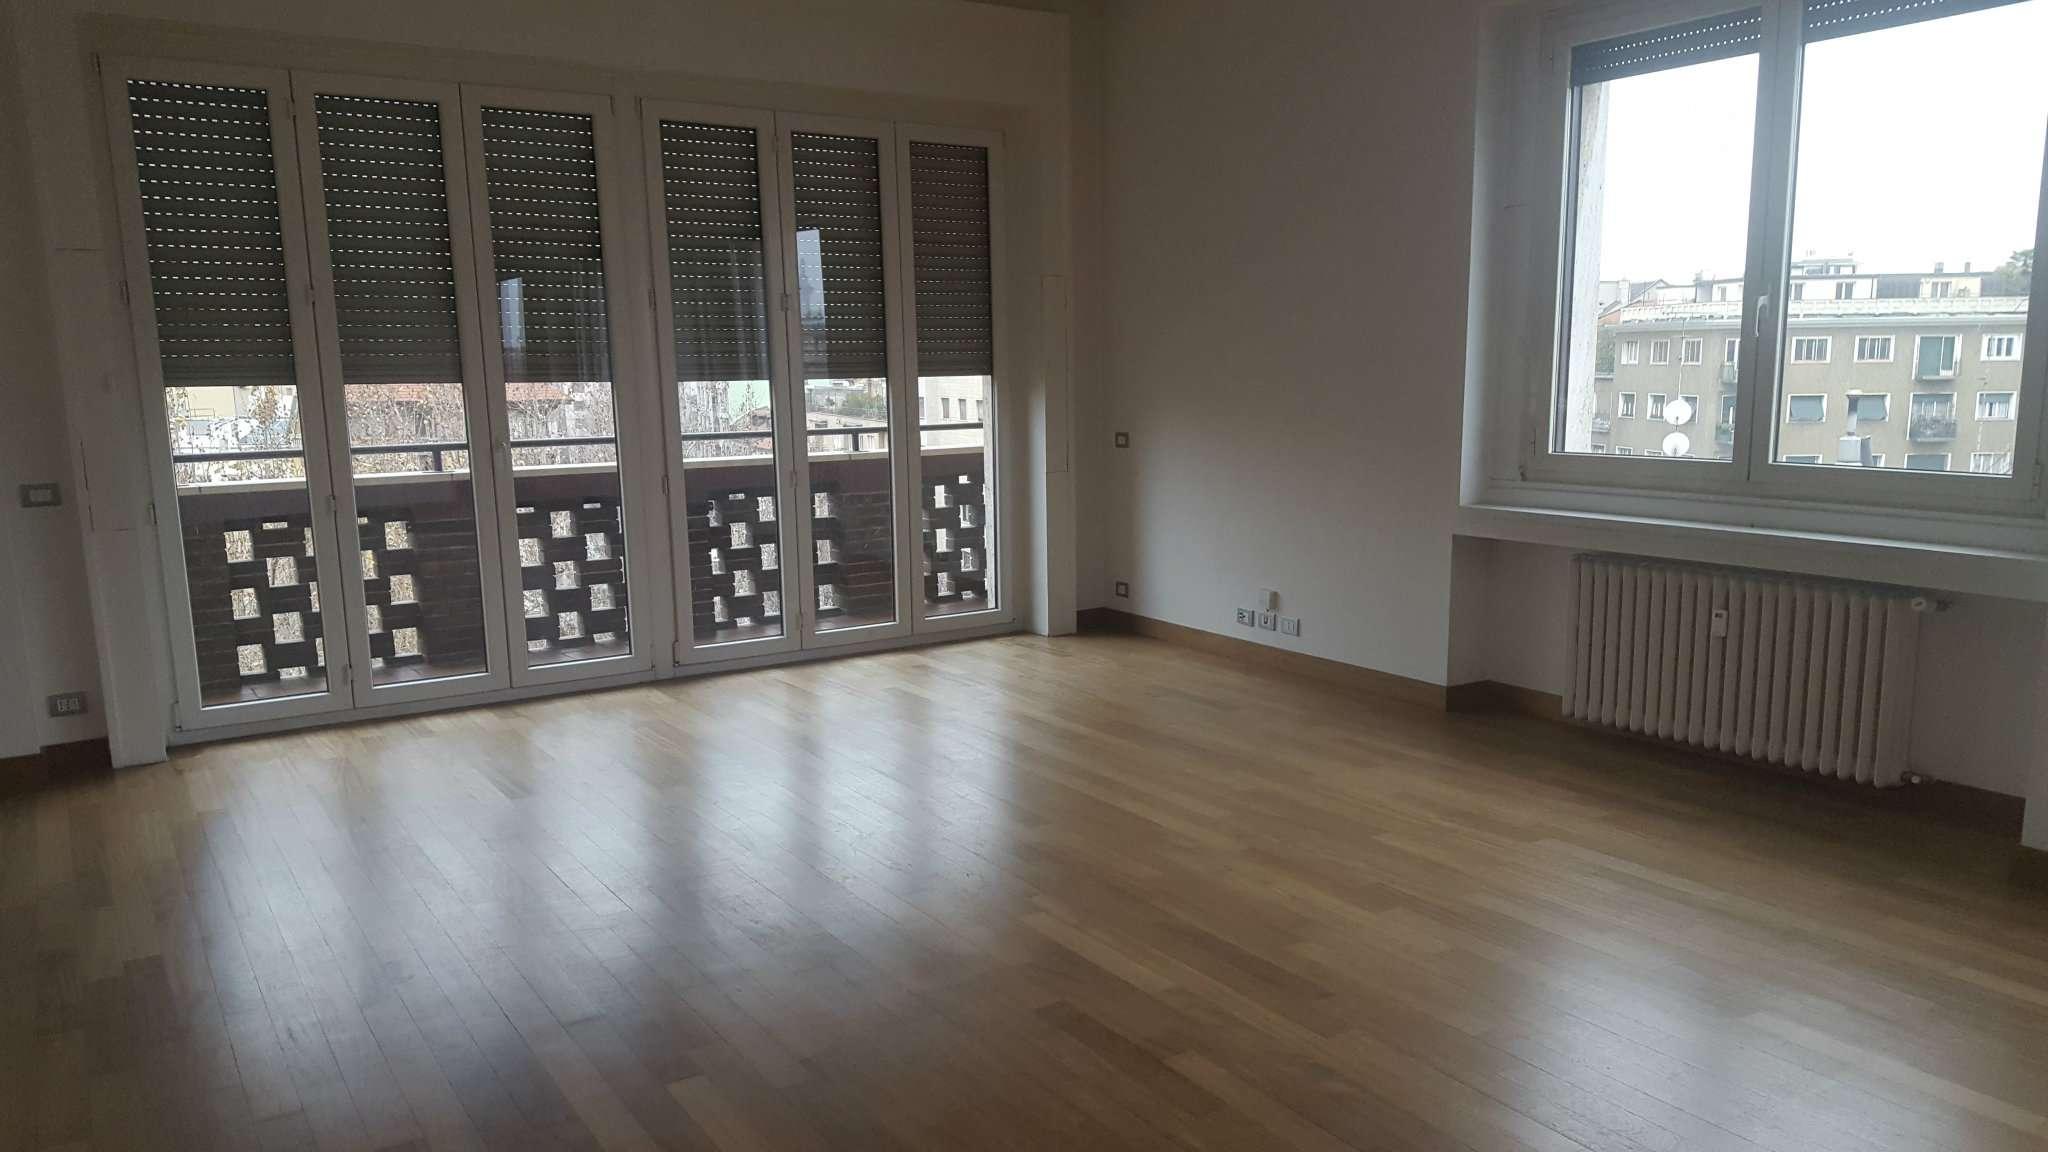 Appartamento in affitto a Milano, 4 locali, zona Zona: 1 . Centro Storico, Duomo, Brera, Cadorna, Cattolica, prezzo € 2.300 | Cambio Casa.it